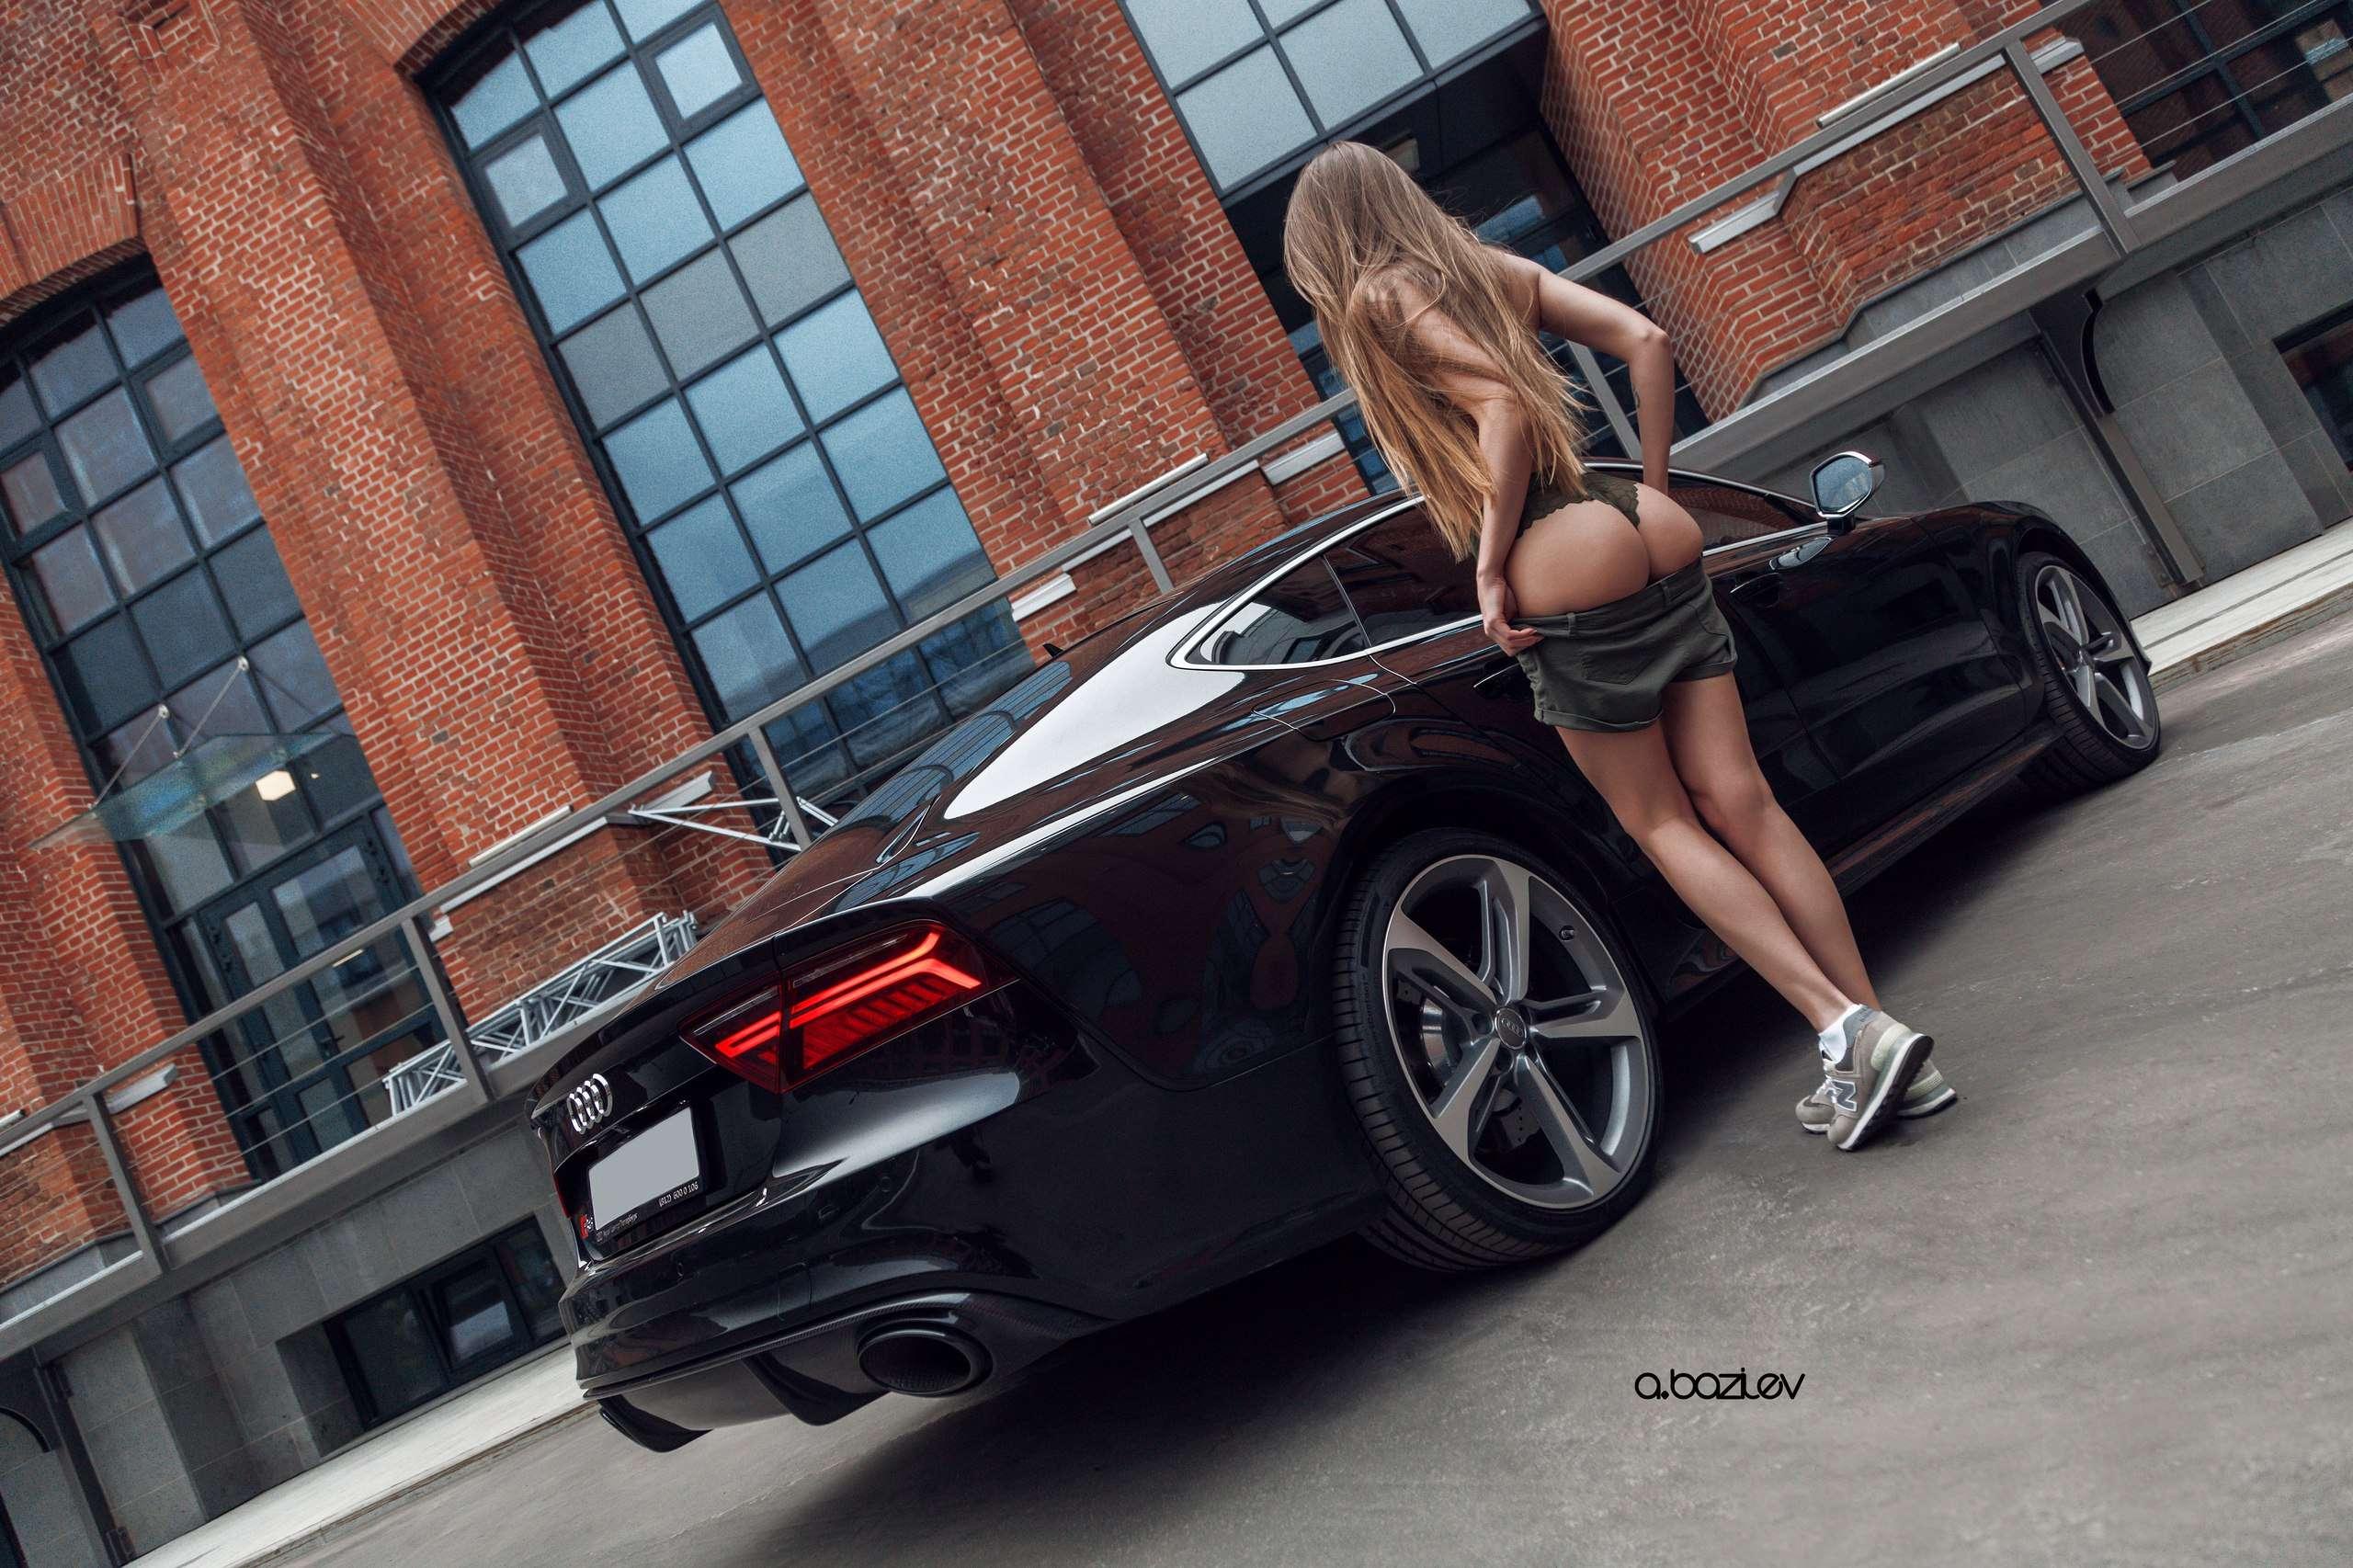 cFfC UzKCQQ - Сексуальные девушки и автомобили (часть 10)